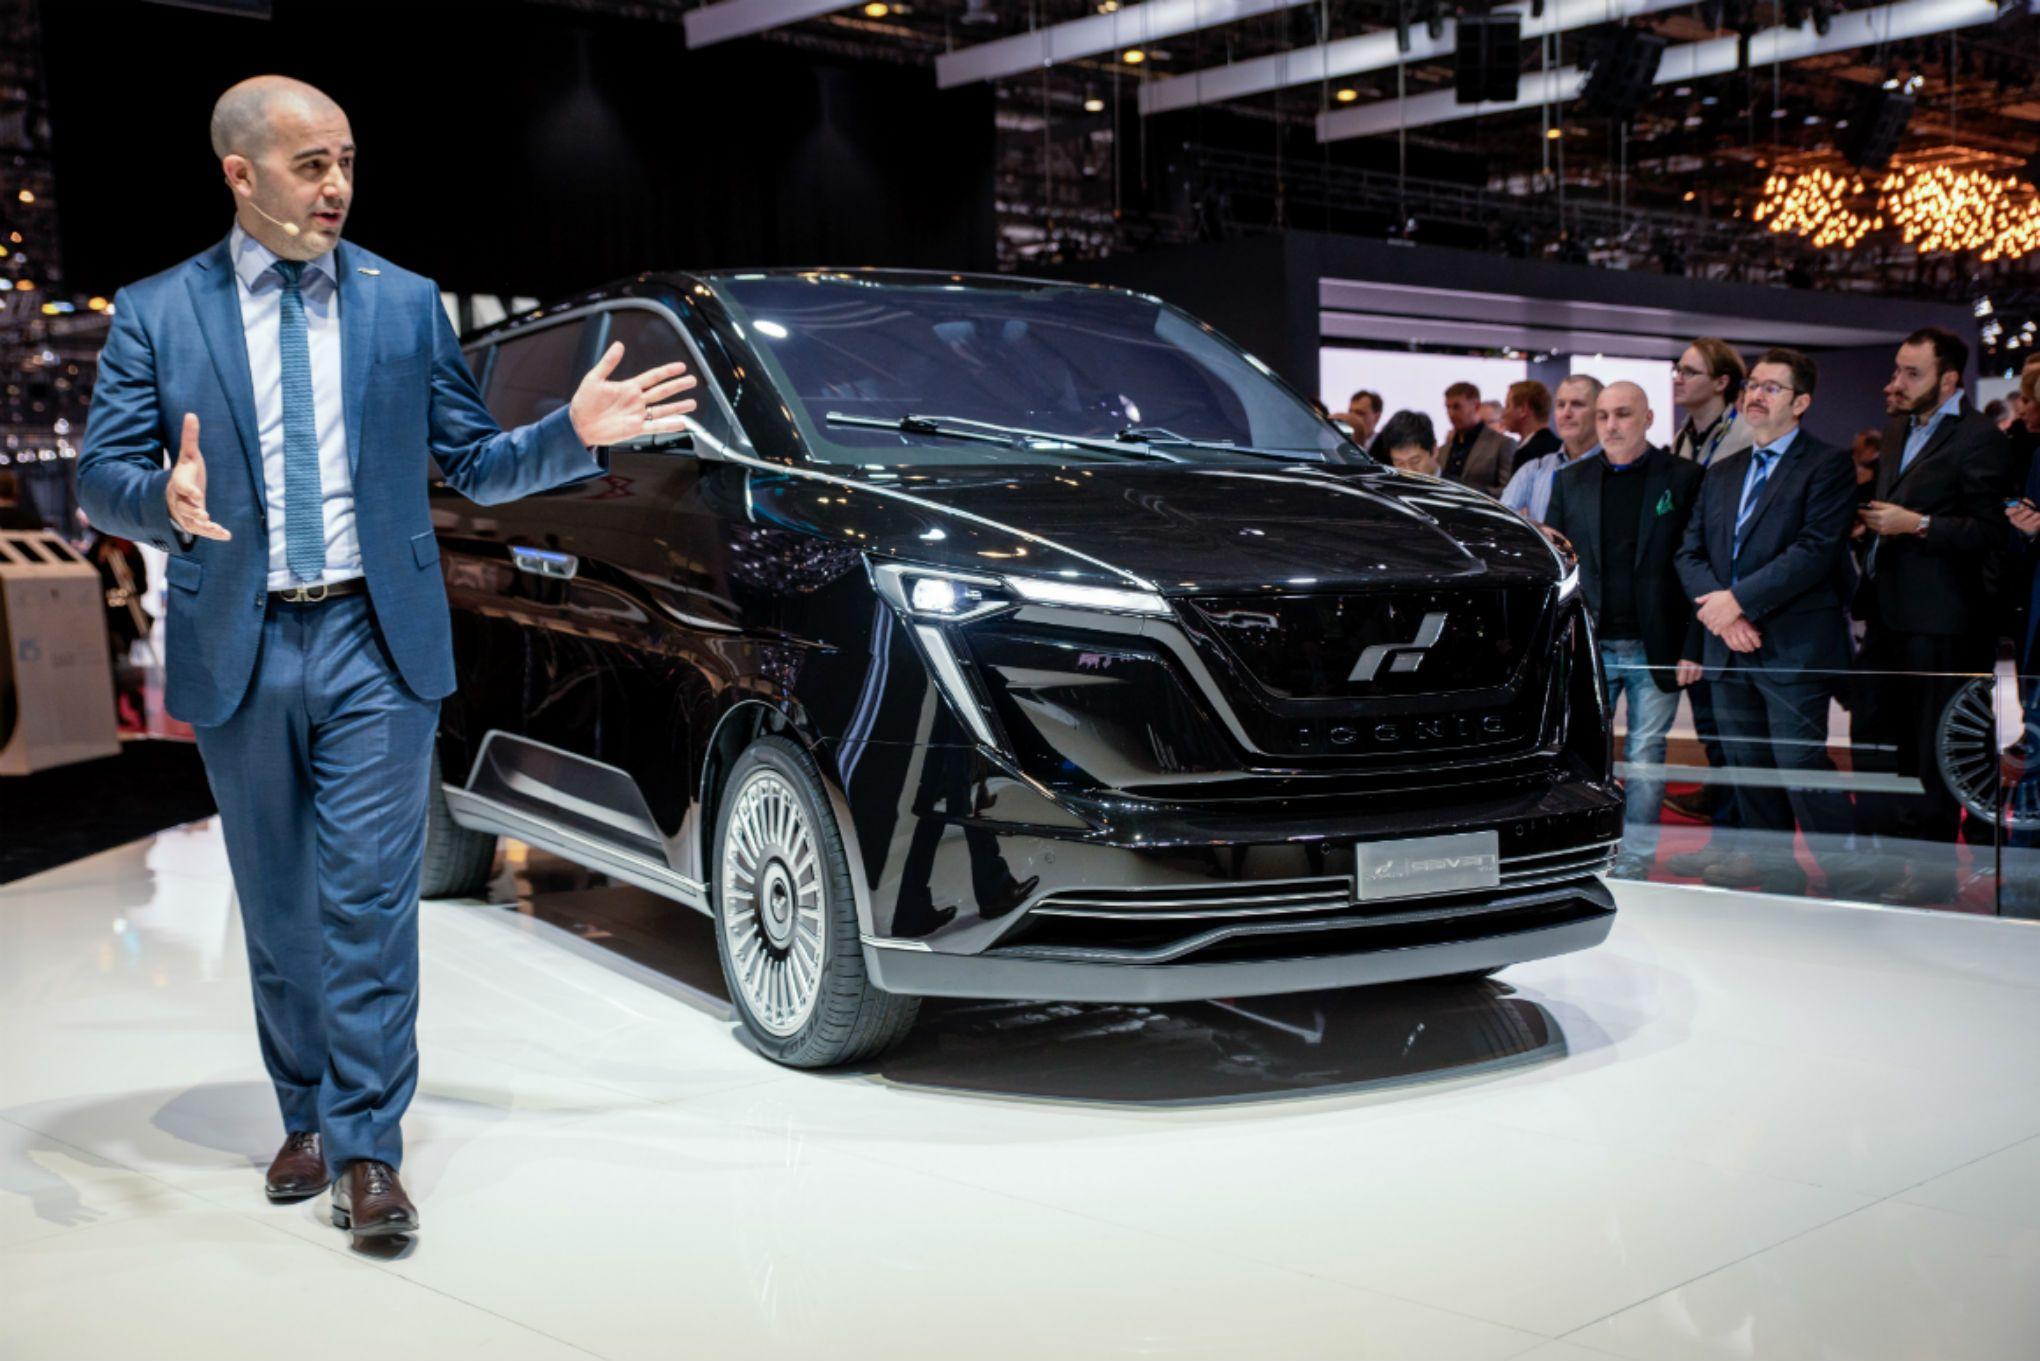 日内瓦车展上最逆天的无人驾驶汽车!两年后它将亮相全球?